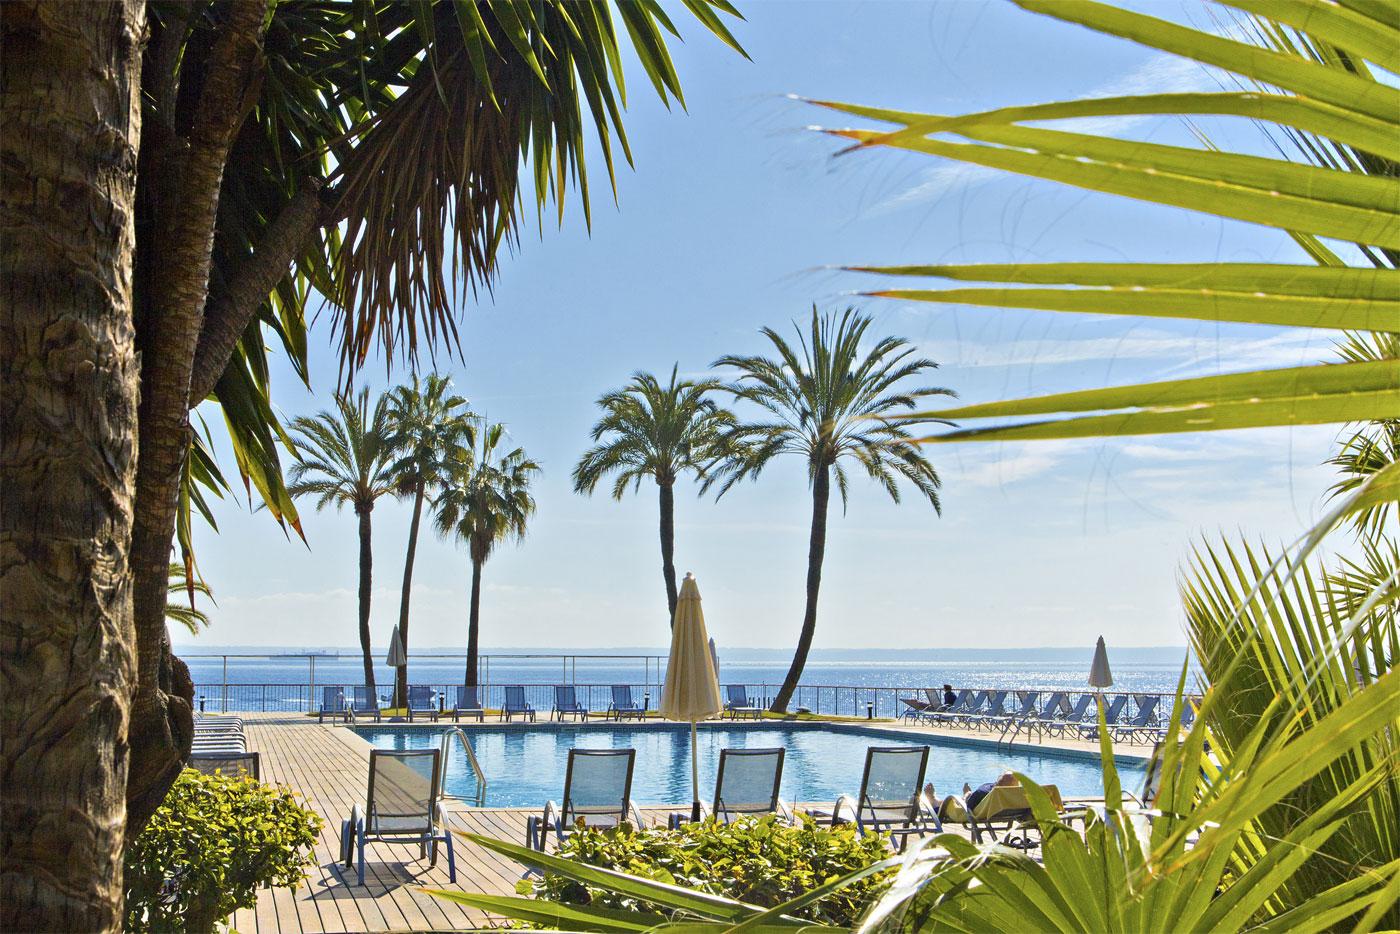 Fotos del Hotel Riu Palace Bonanza Playa   Illetas, Mallorca